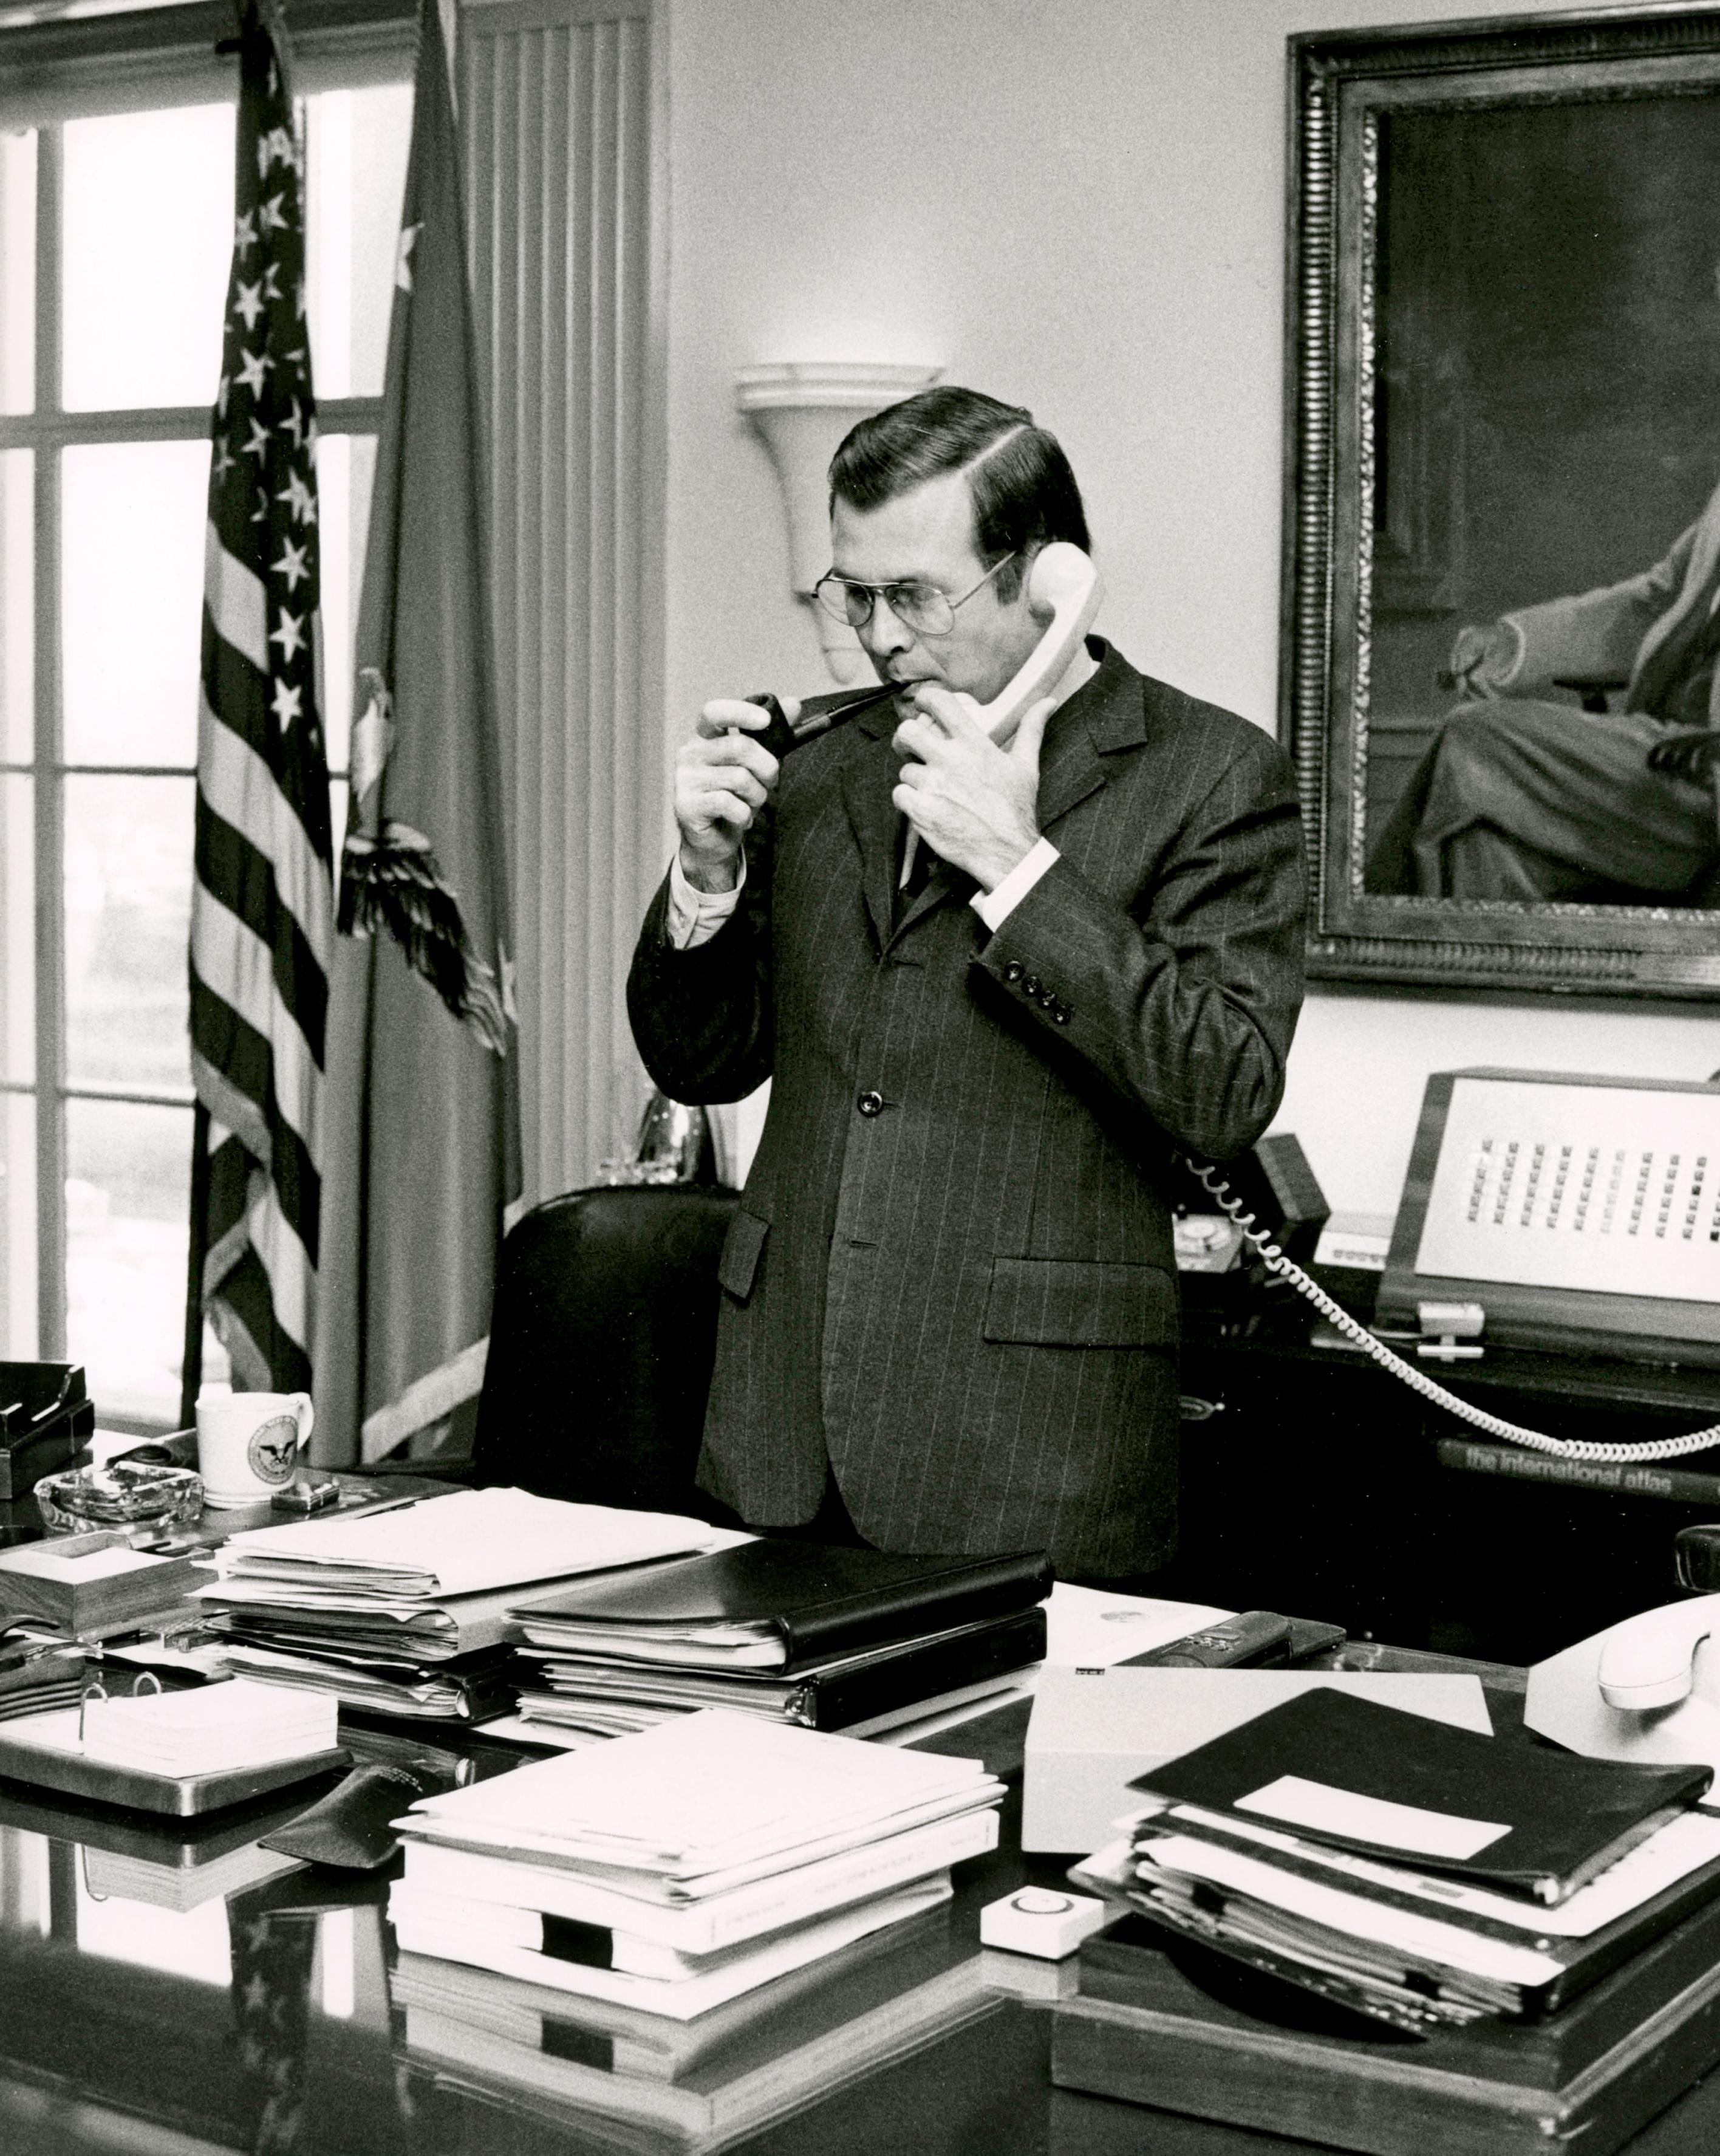 16 avril, les secrétaires aiment la pipe. 177669-M-OLA36-289